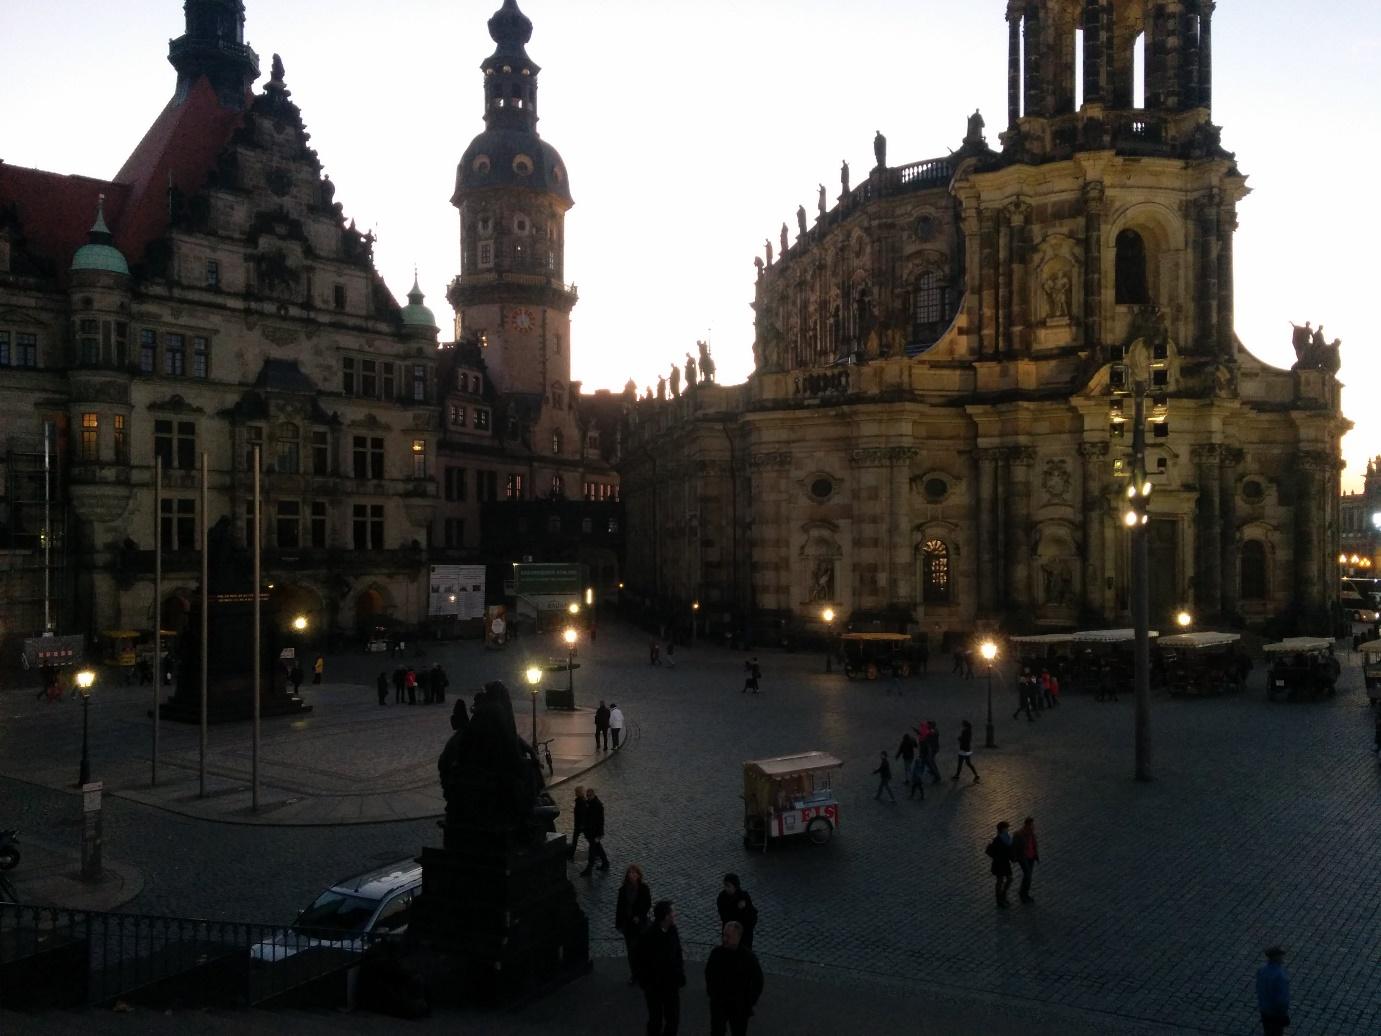 Der Schloβplatz in Dresden (Foto: Kas de Valk)